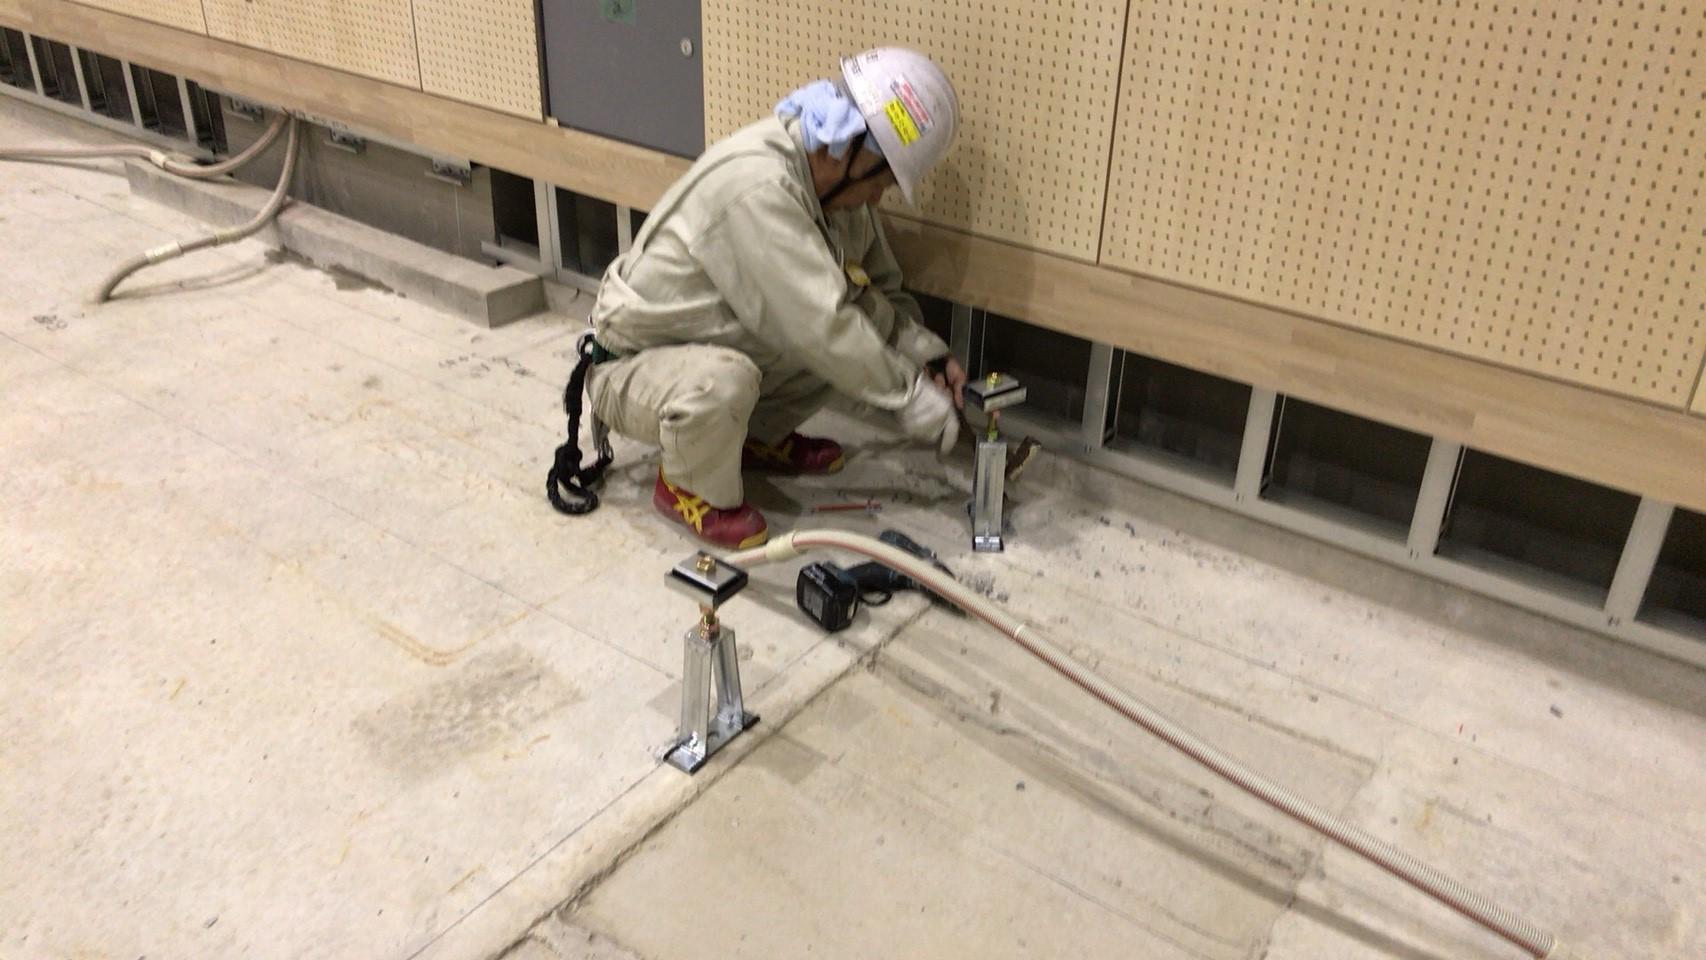 大学キャンパス内体育館新設工事に伴う鋼製床下地及びスポーツフロア施工